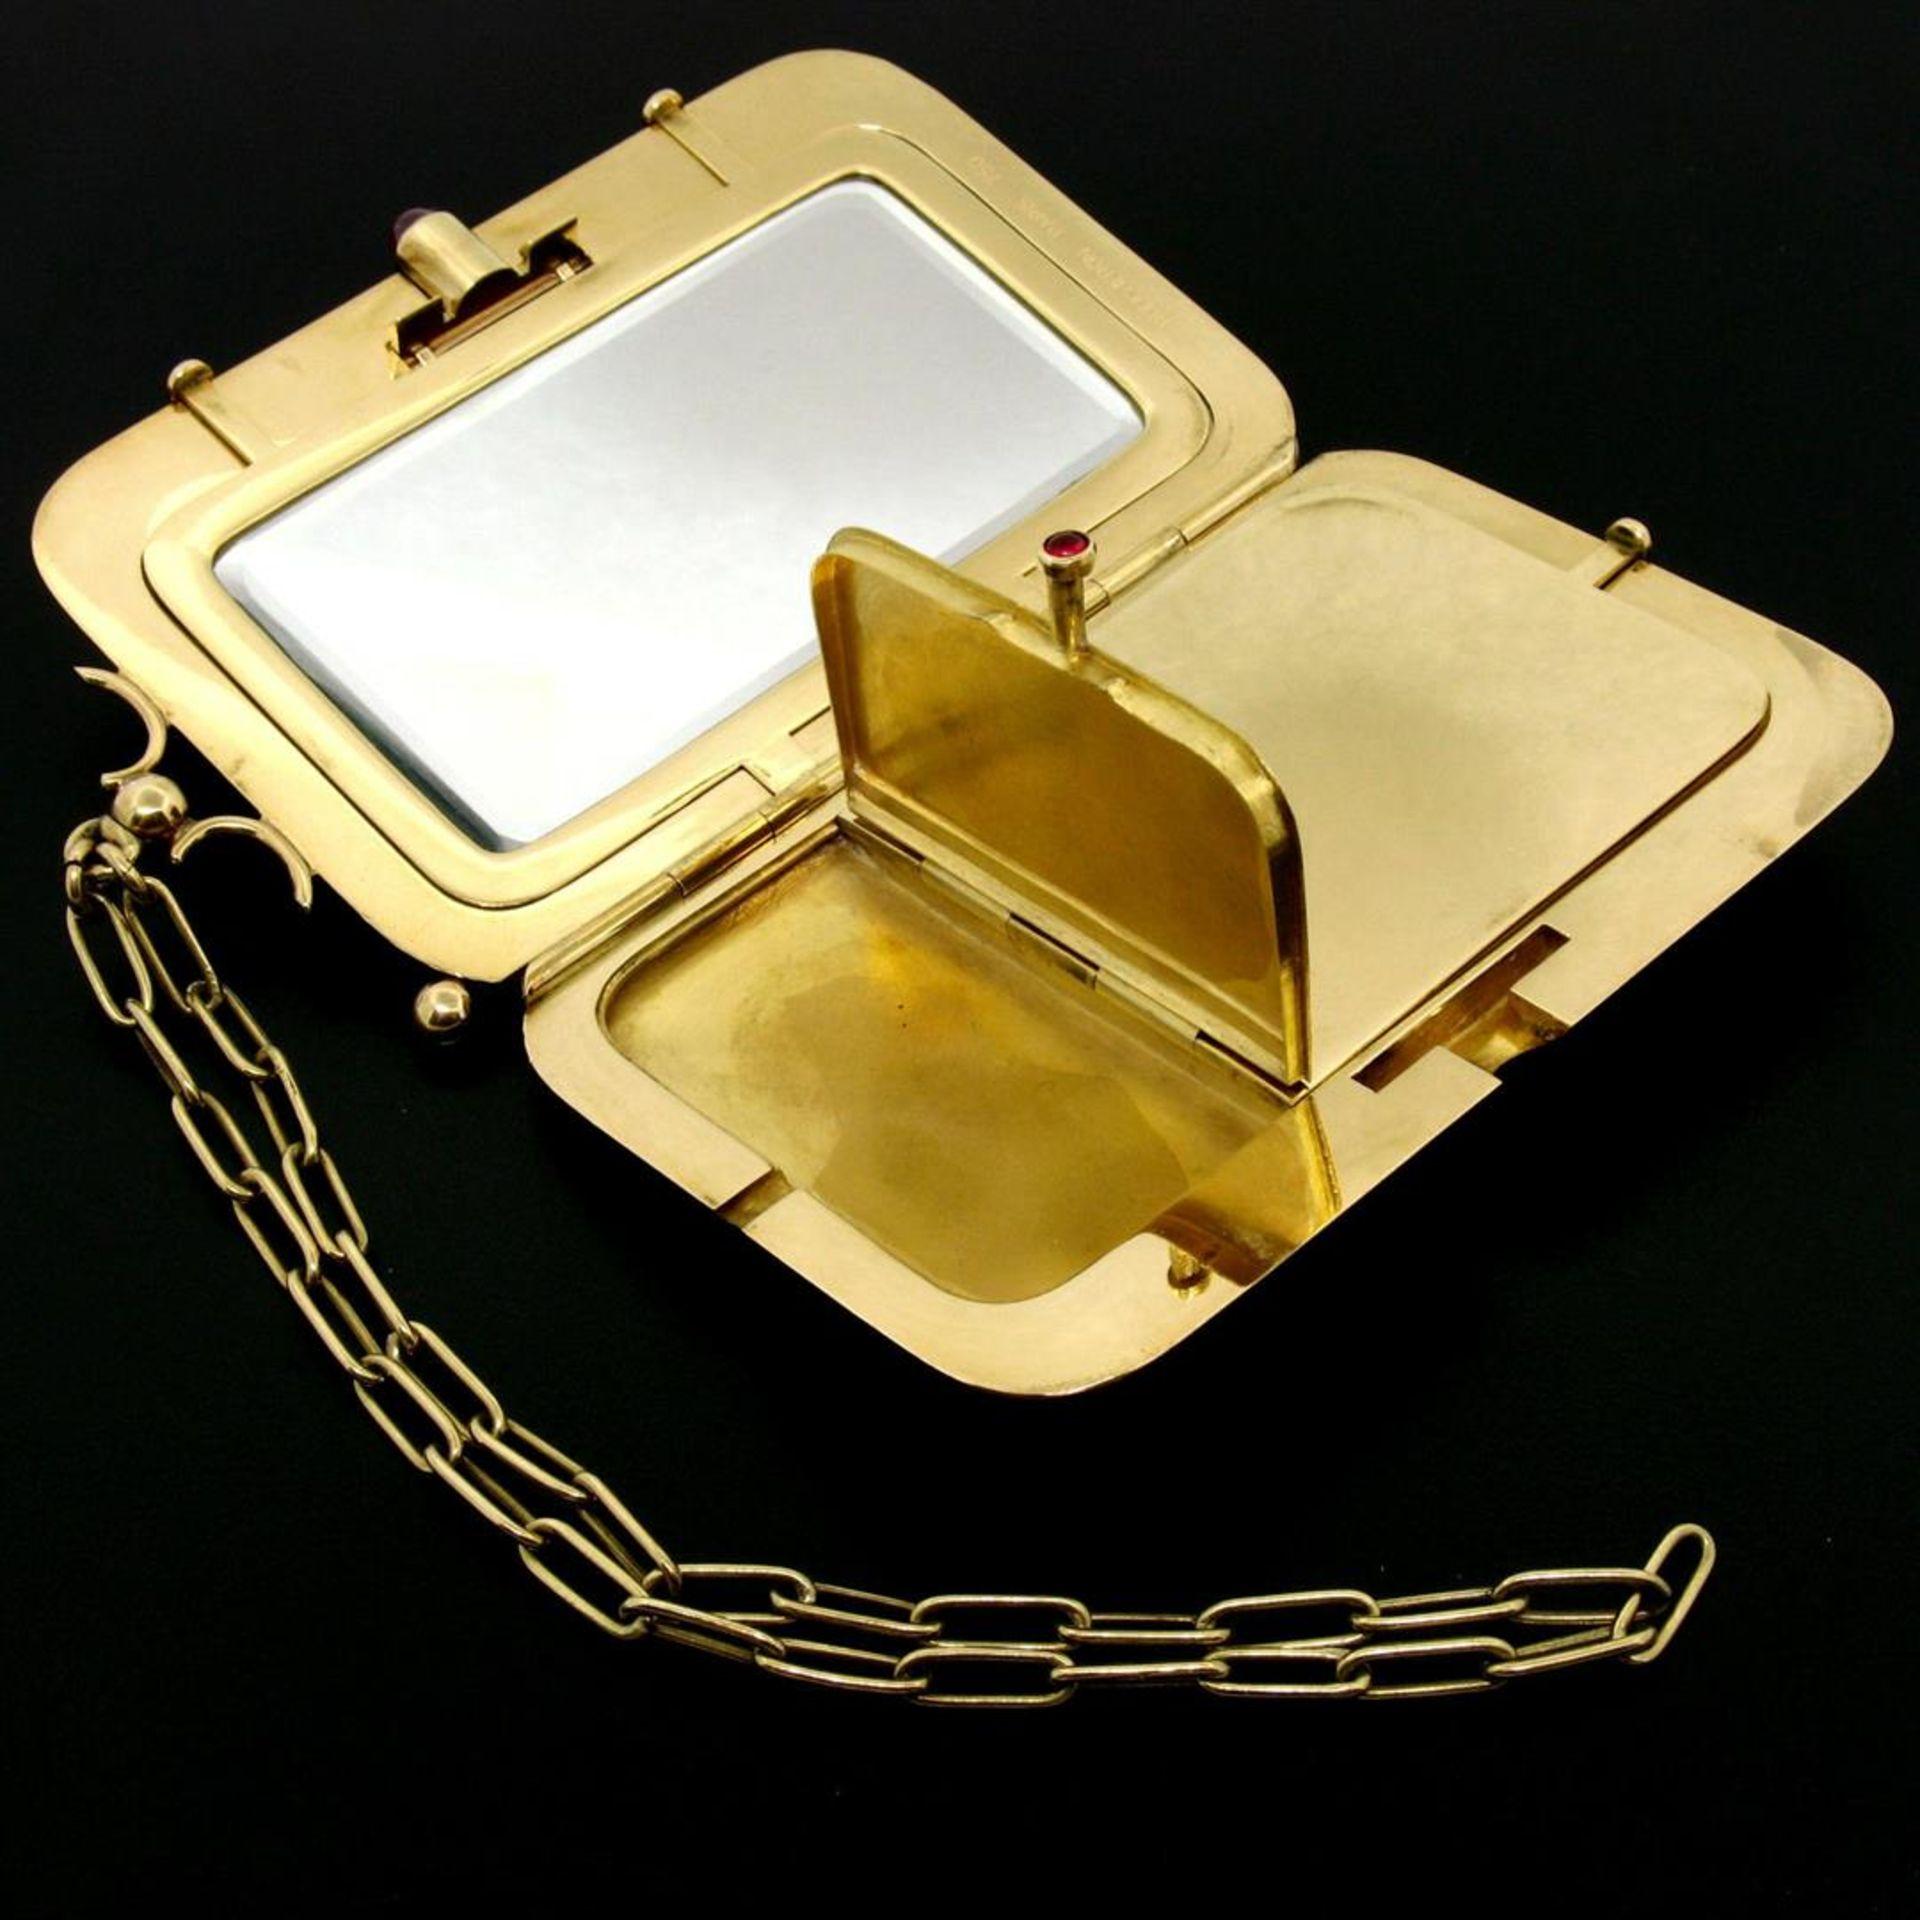 Vintage BOUCHERON Paris 18k Tri Color Gold Ruby Compact Powder Case - Image 6 of 9